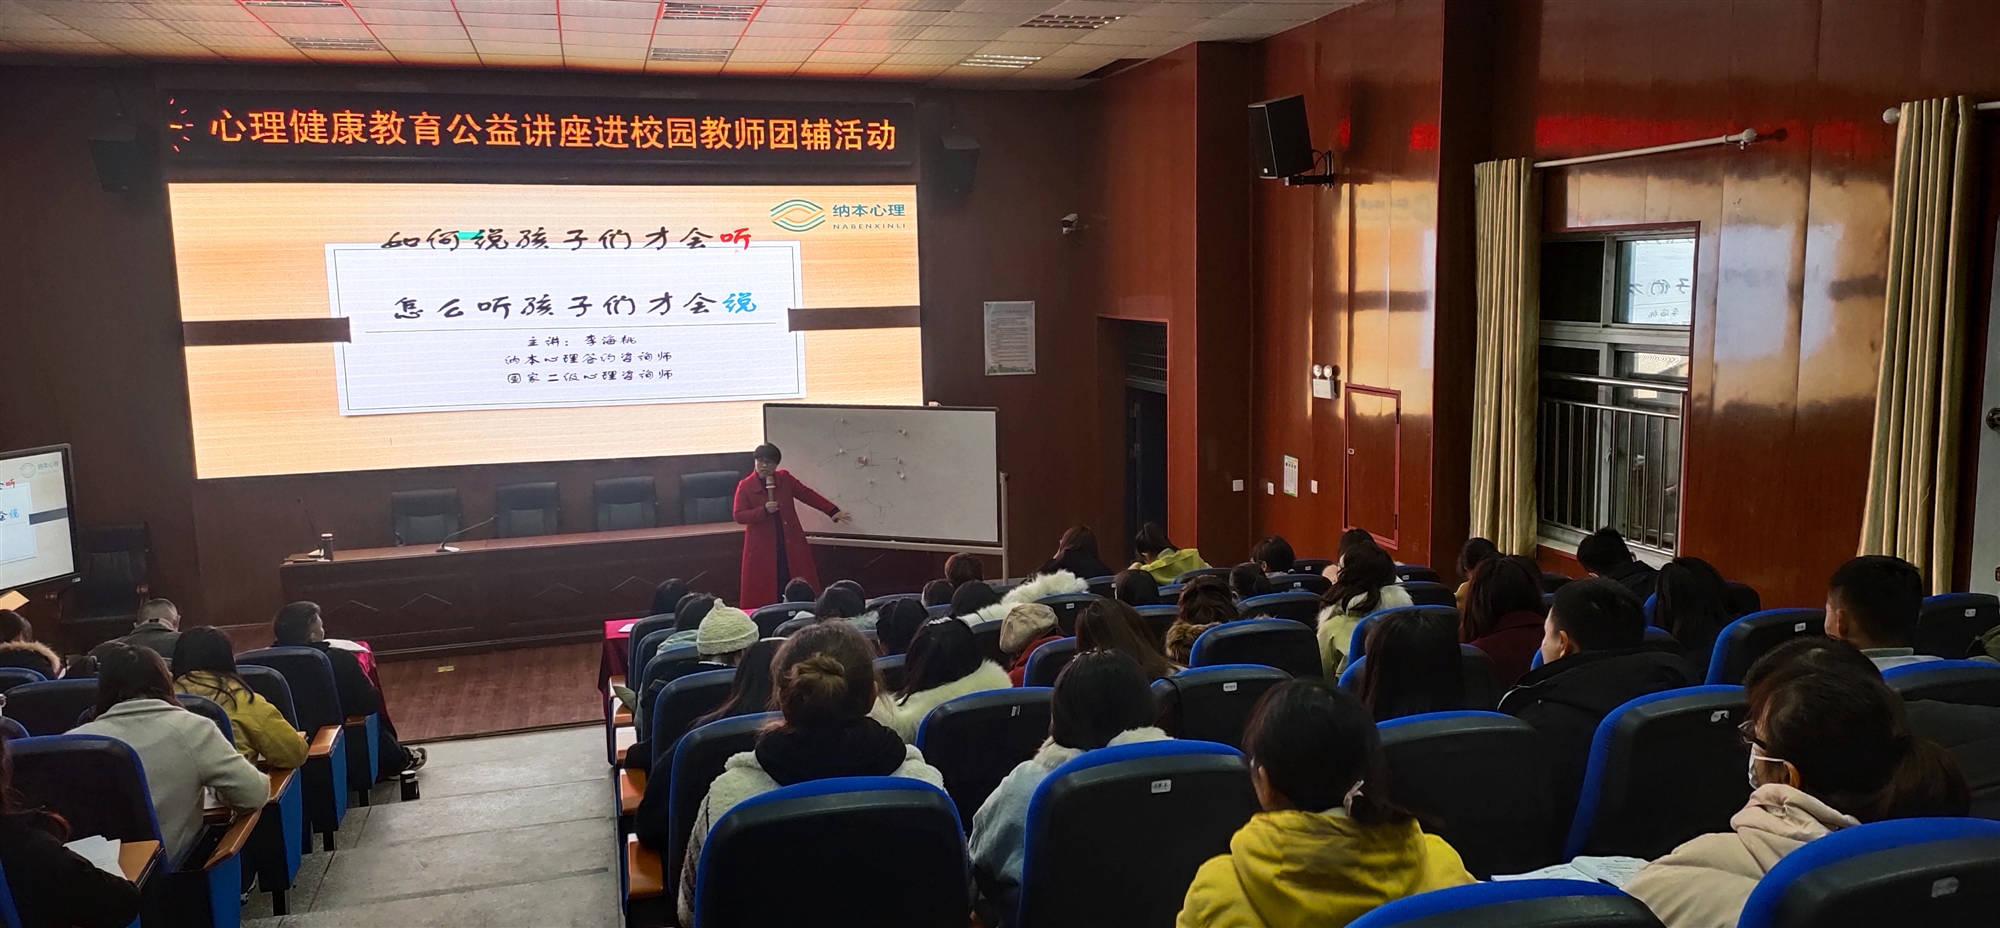 百场心理健康教育公益进校园--纳本心理走进长沙县泉塘三小开展心理讲座